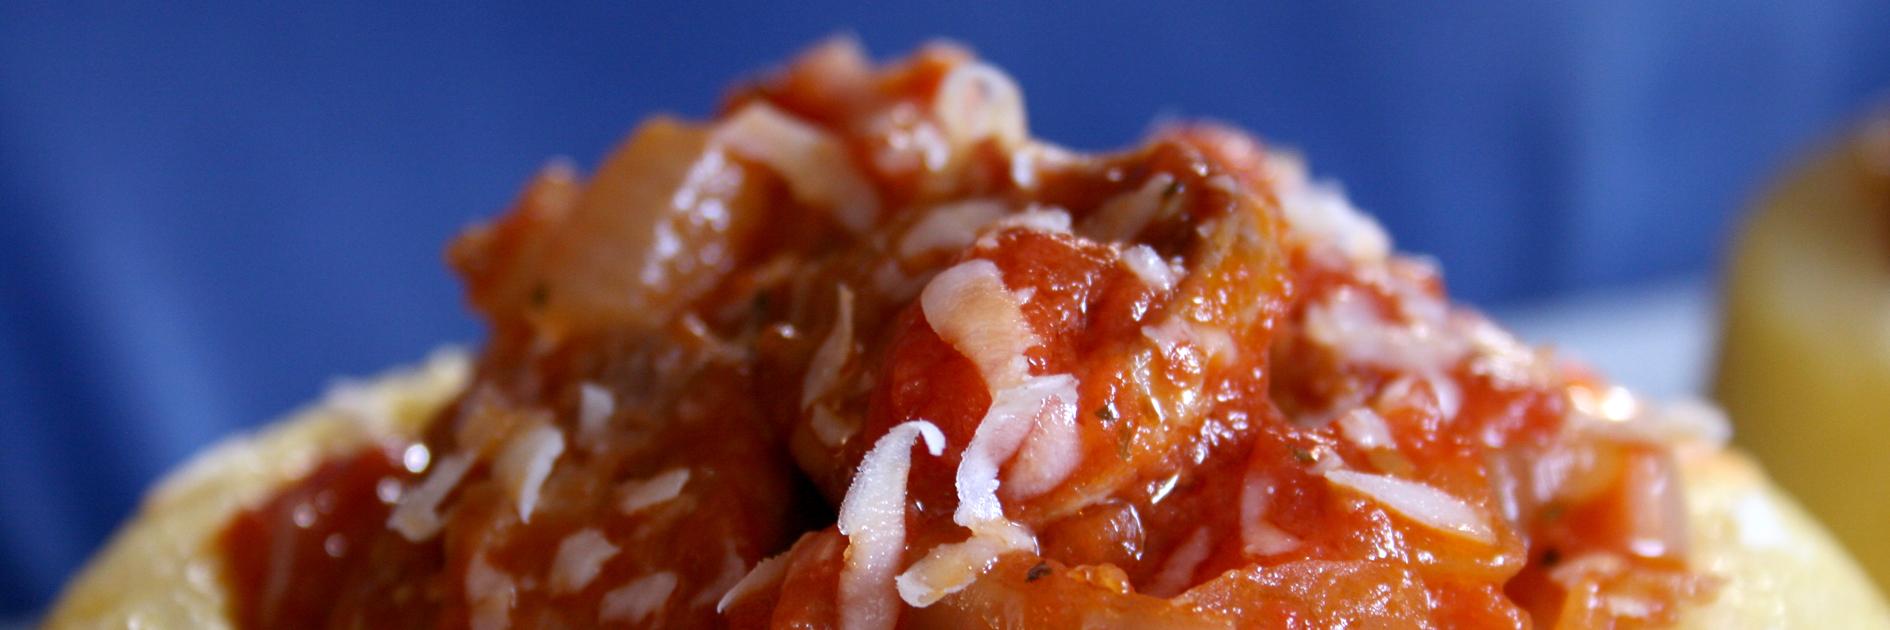 Cestini di polenta con salsiccia alla diavola.